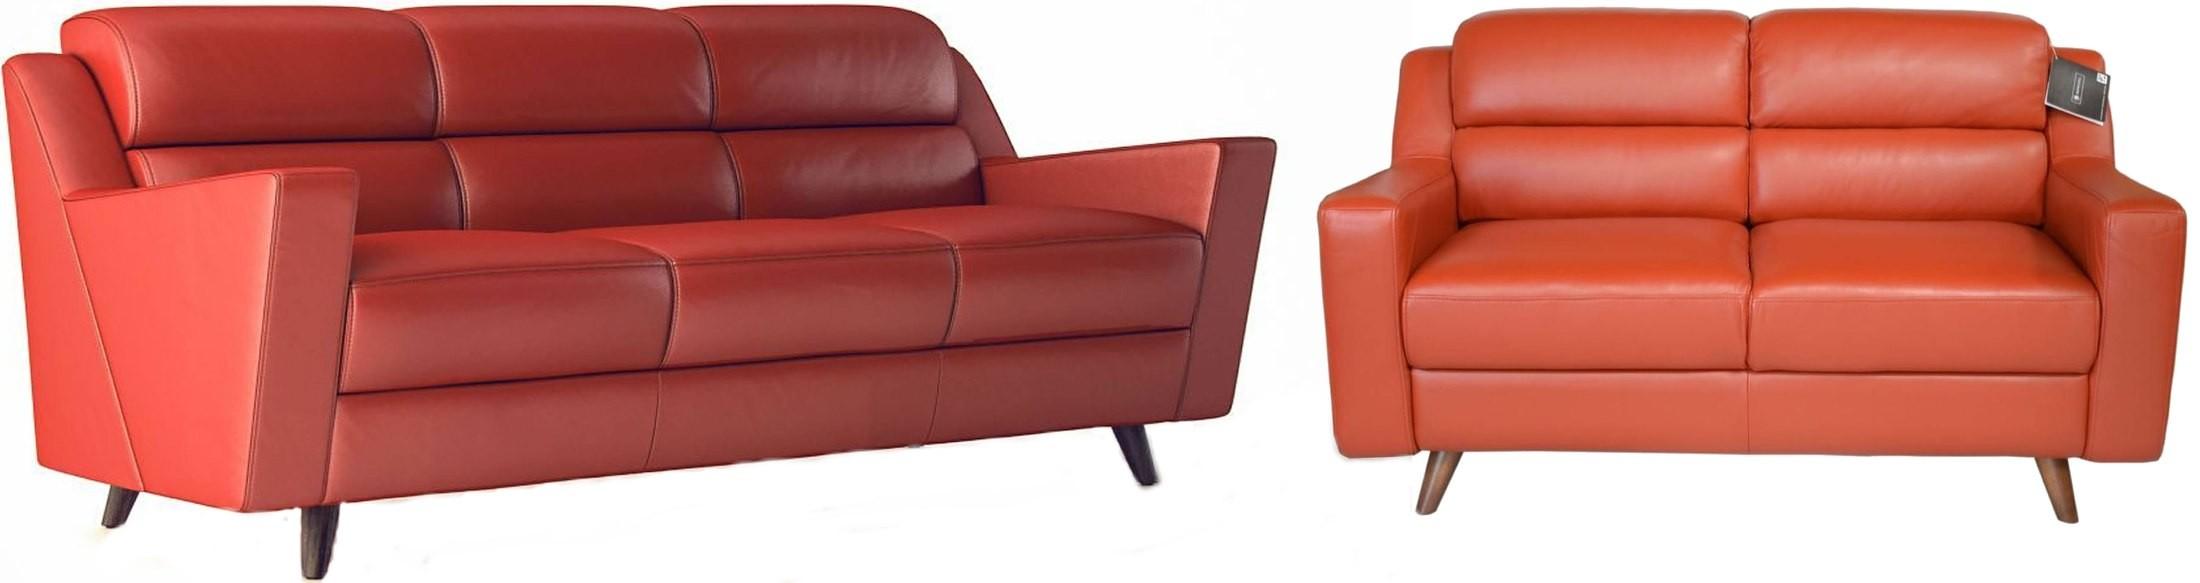 Lucia brick red leather sofa 35803b1349 moroni - The brick sofa sets ...